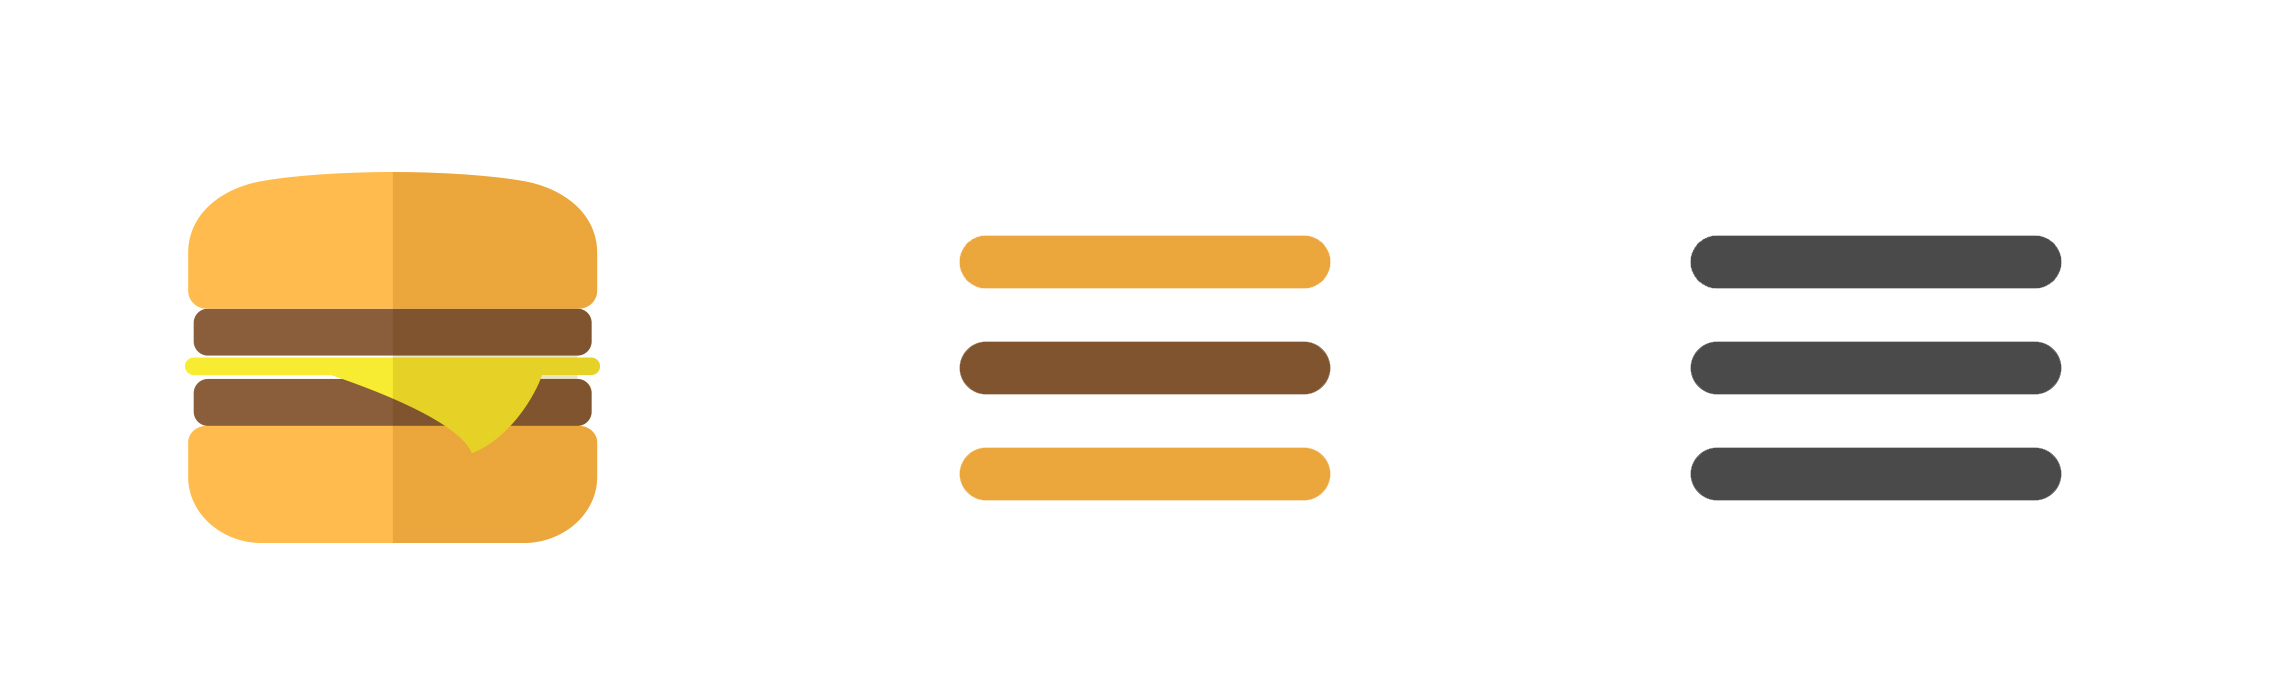 ¿Qué tan bien funciona la hamburguesa?